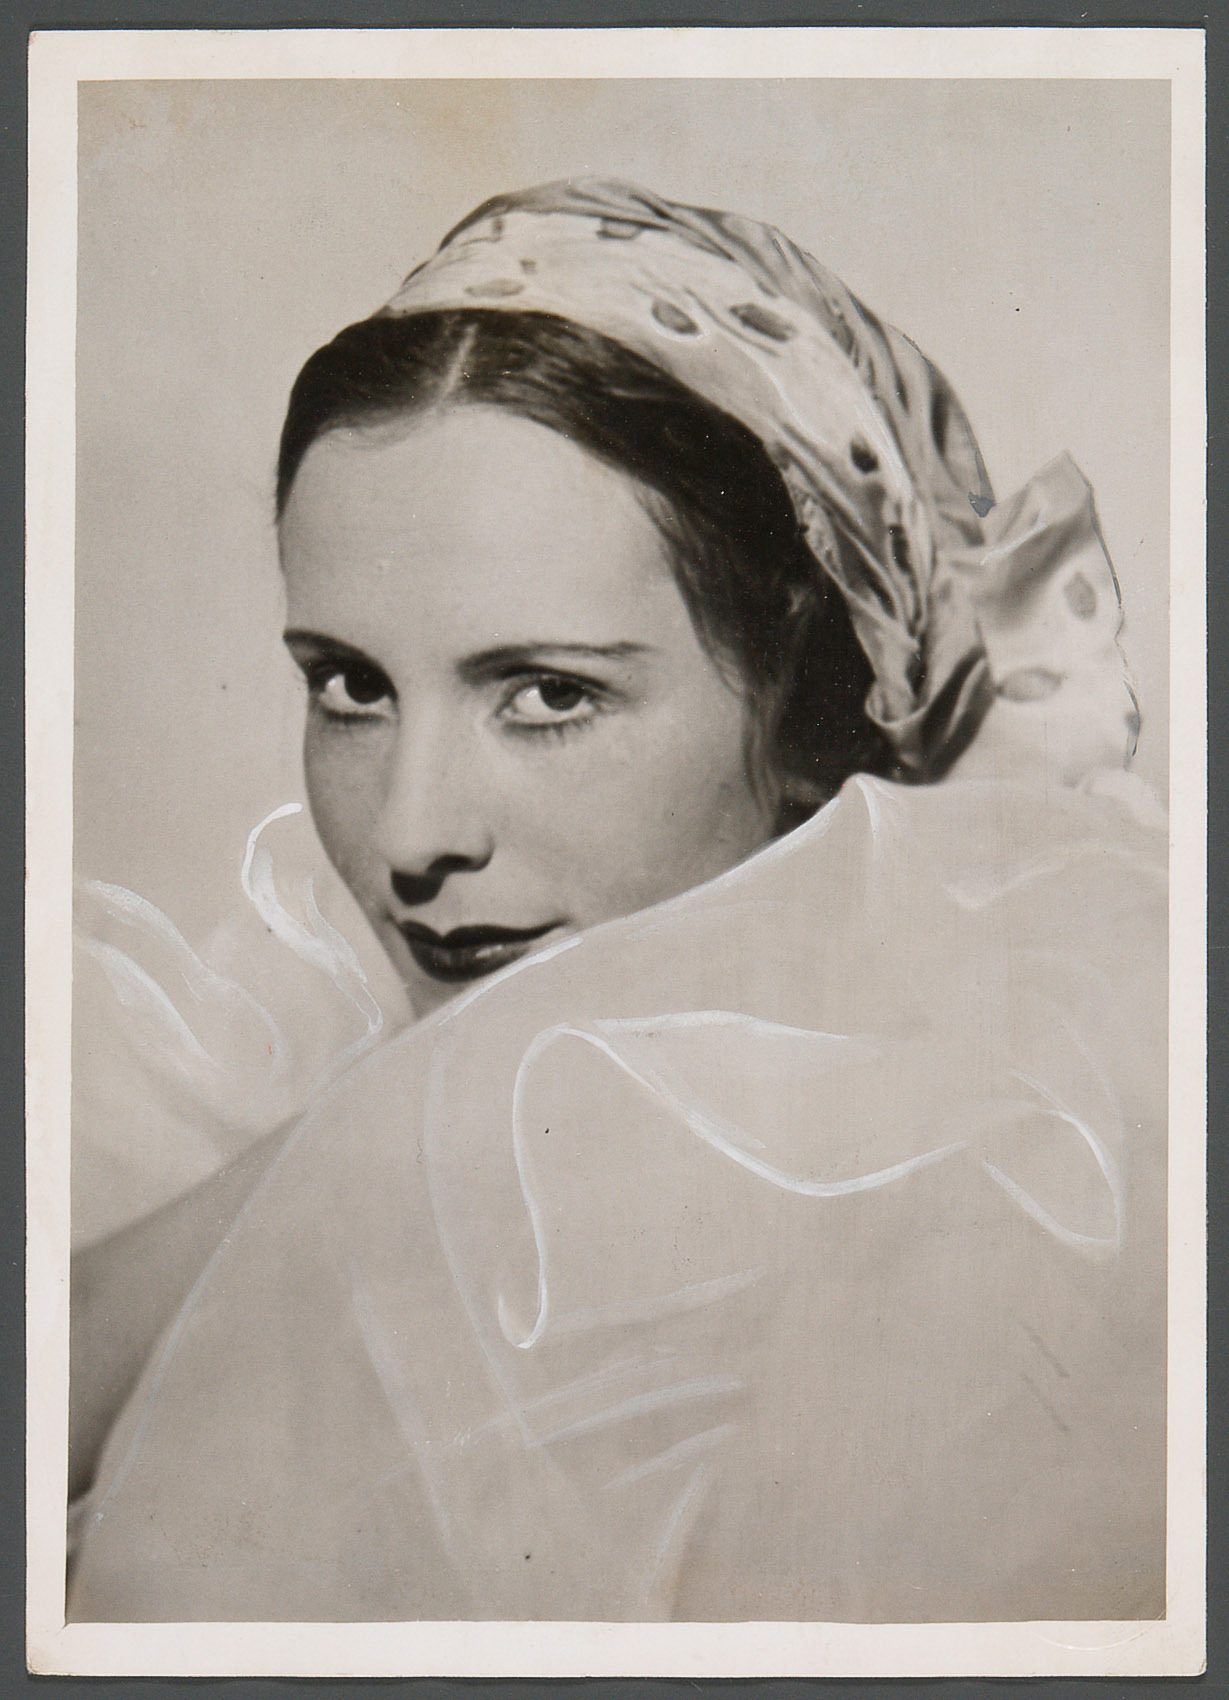 Jarmila Novotna von Atelier Willinger, Wien